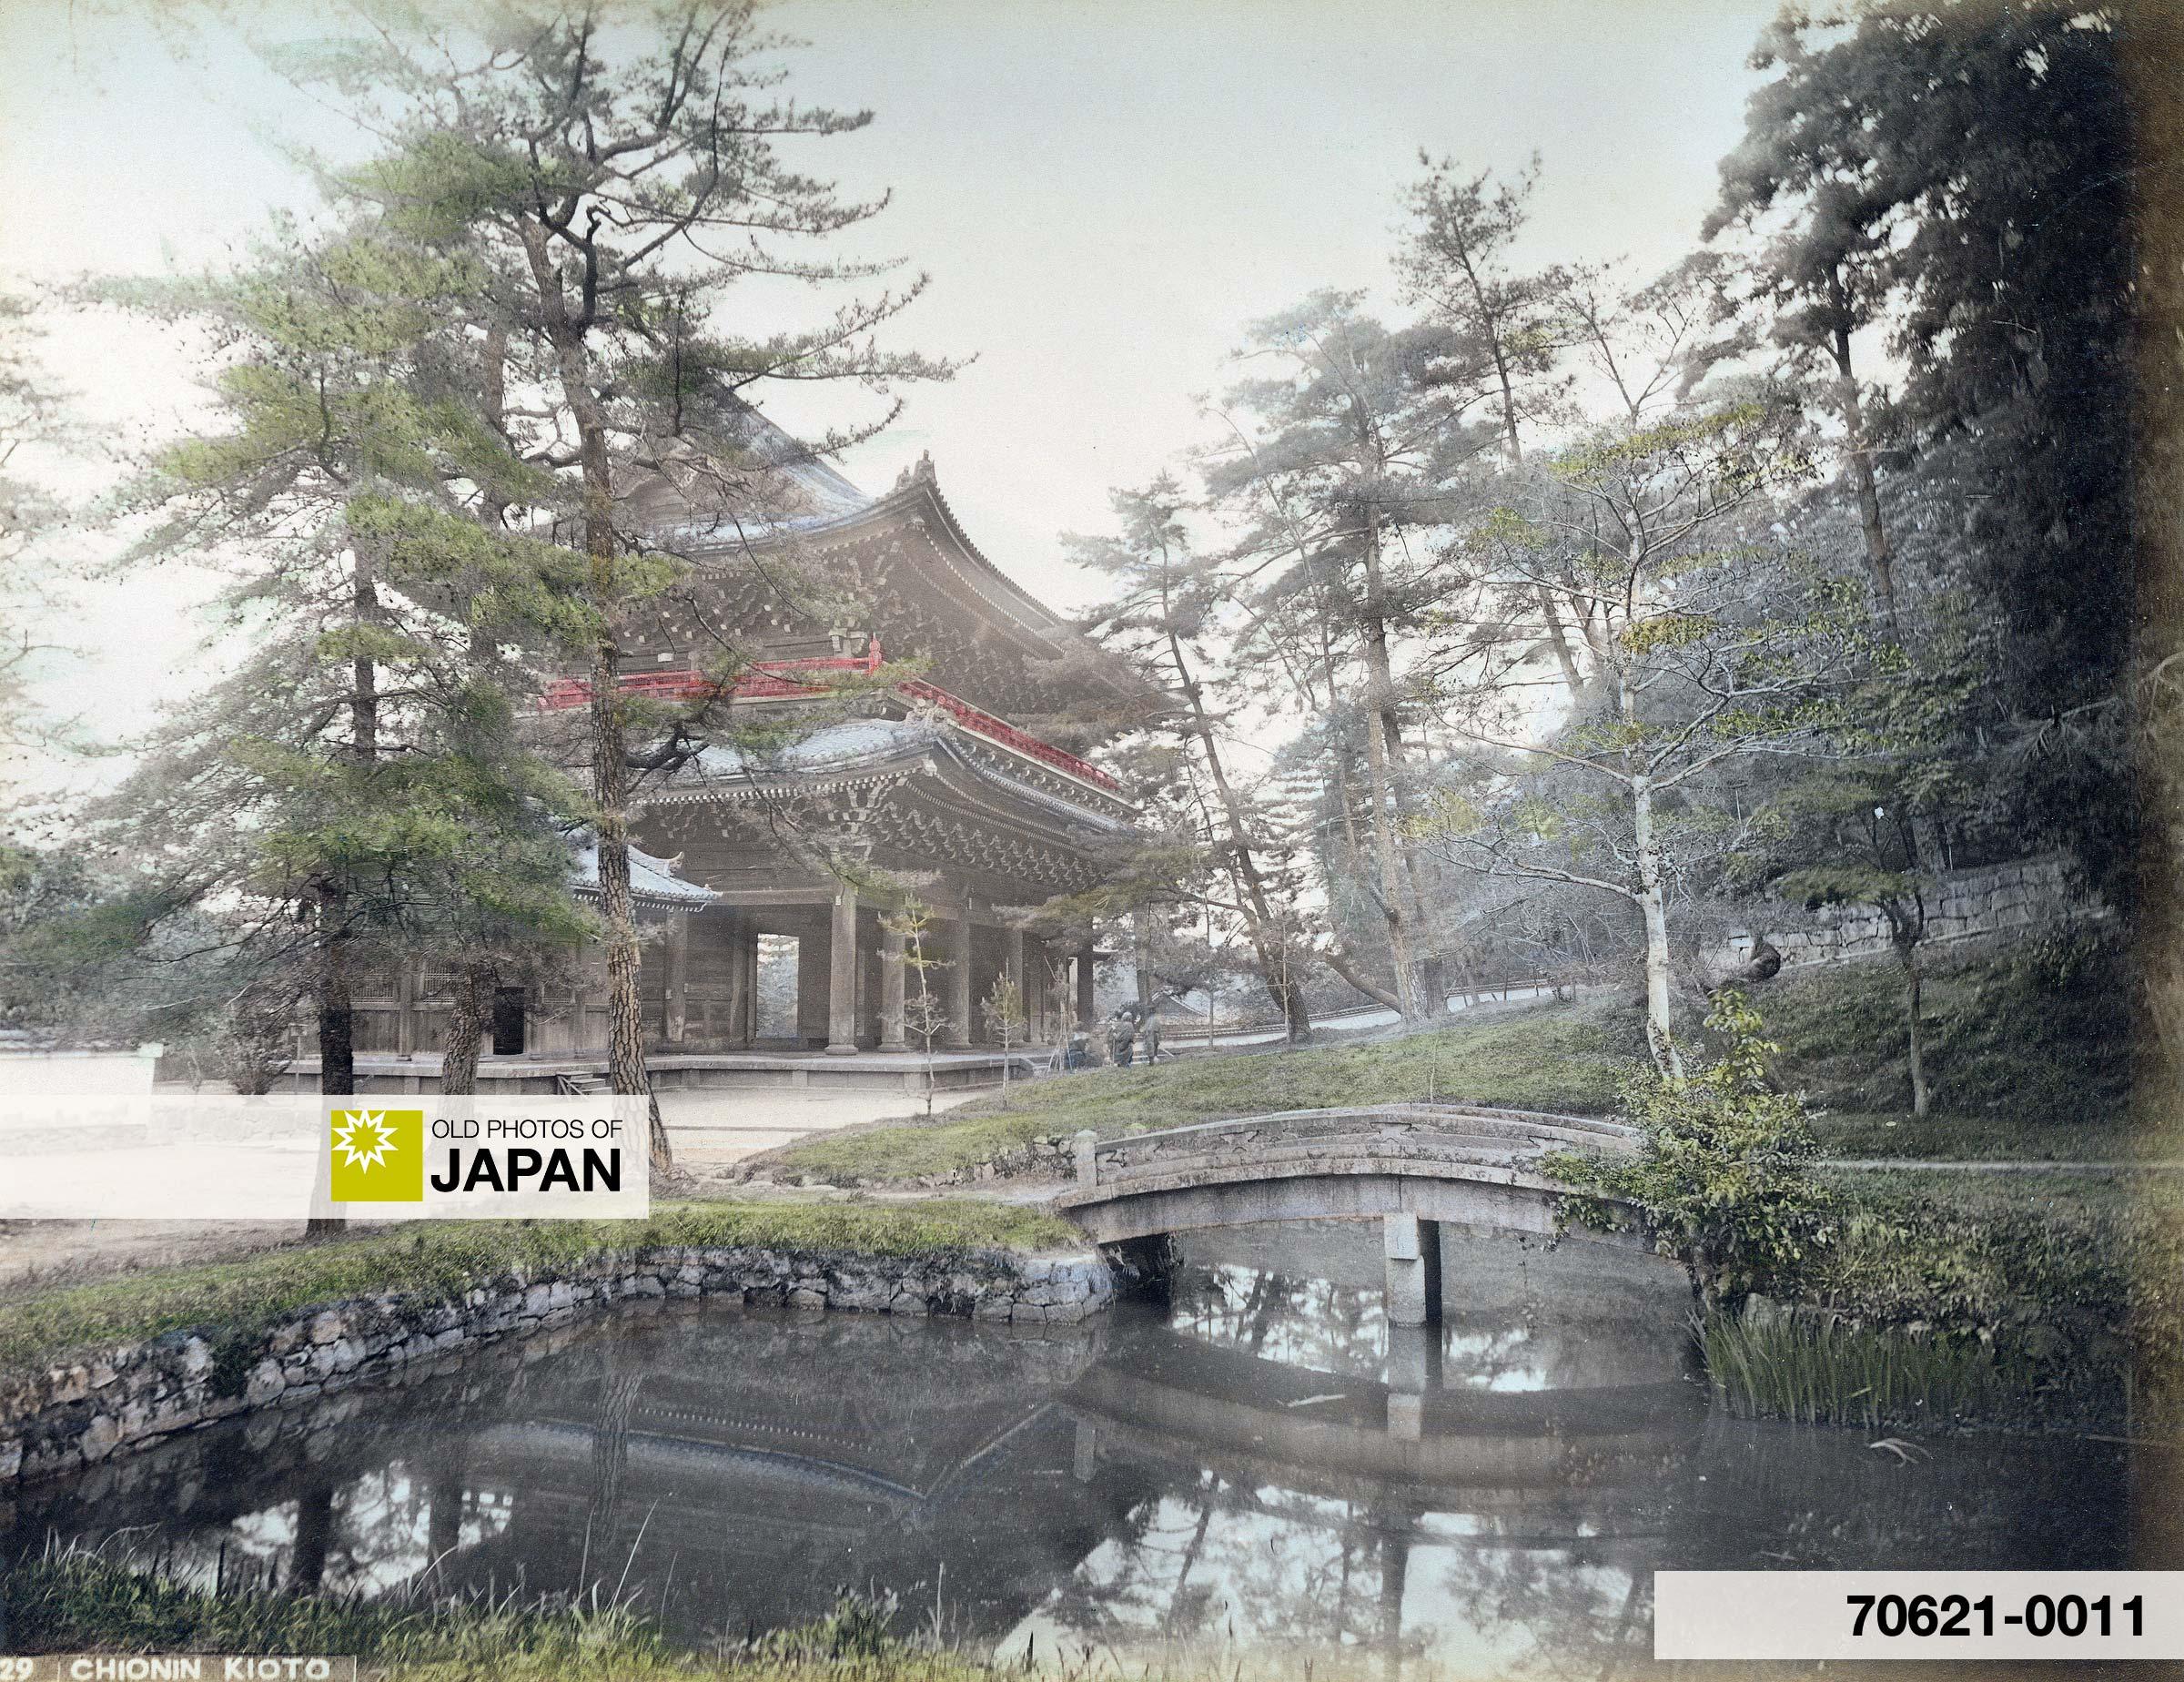 Sanmon Gate at Chionin, Kyoto